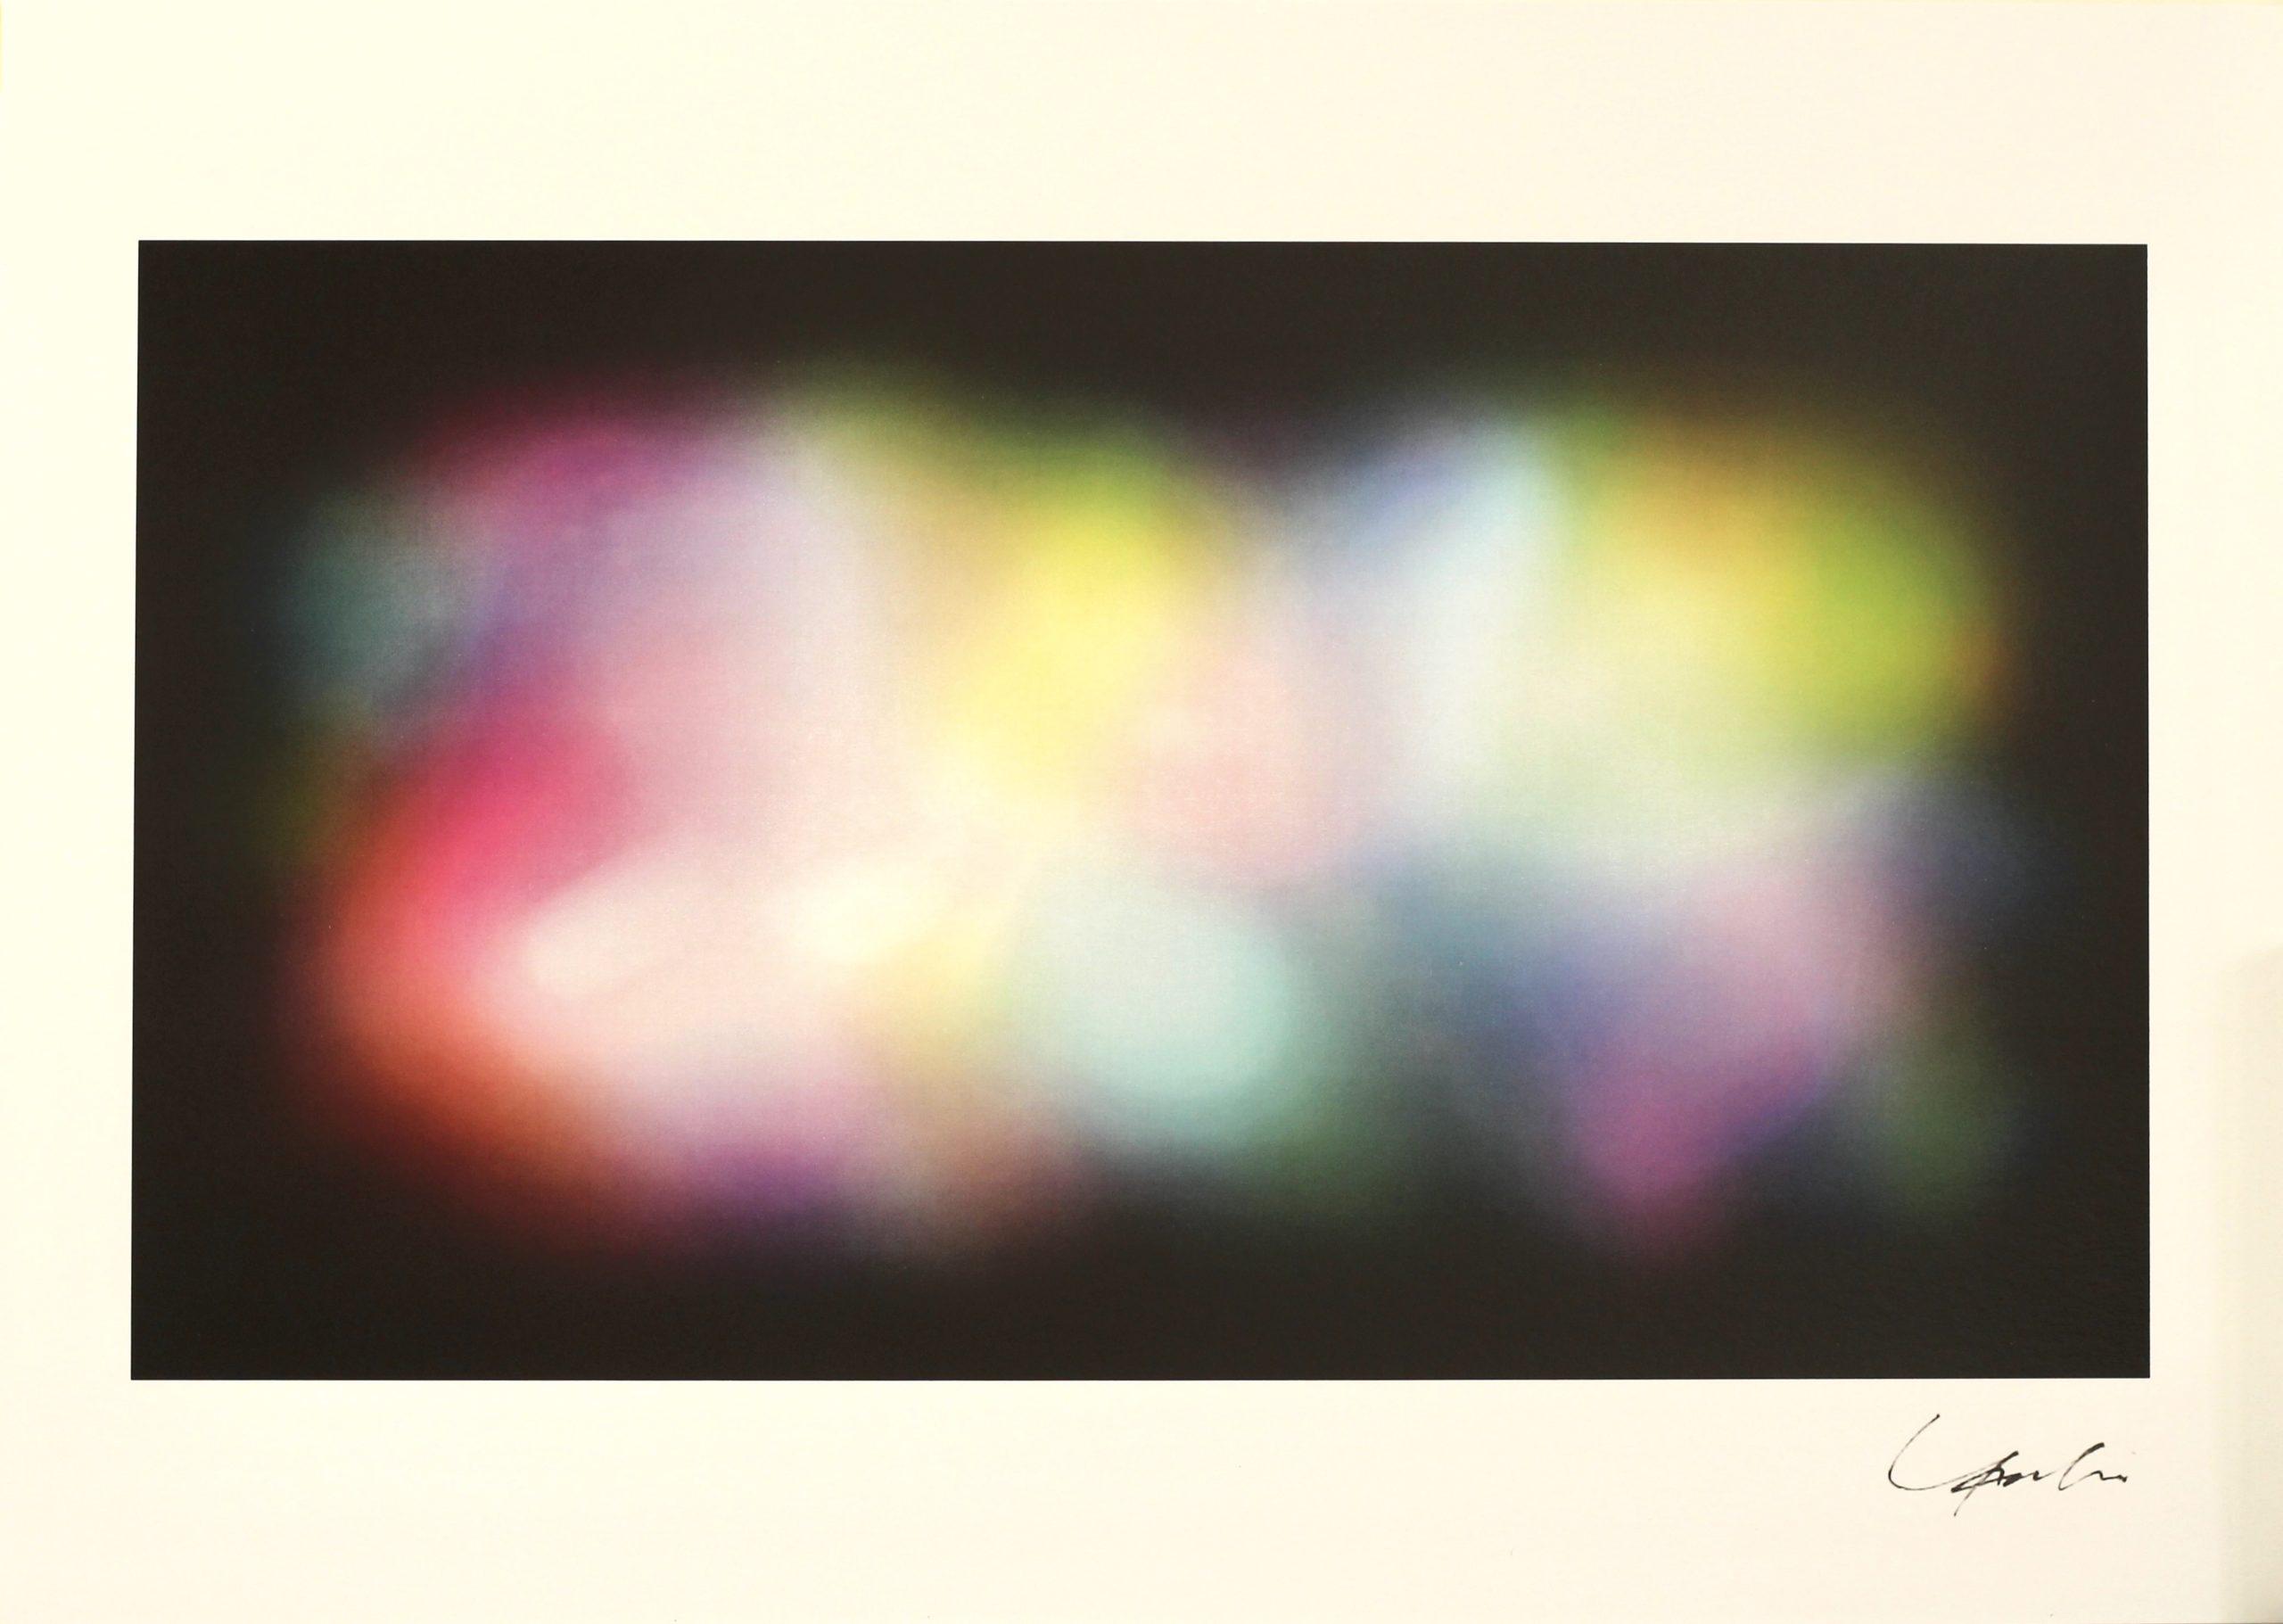 Yoshiyuki Abe, N 137, Hahnemühle Kunstdruck, 29,6 x 42 cm, Auflage von 50, 2010